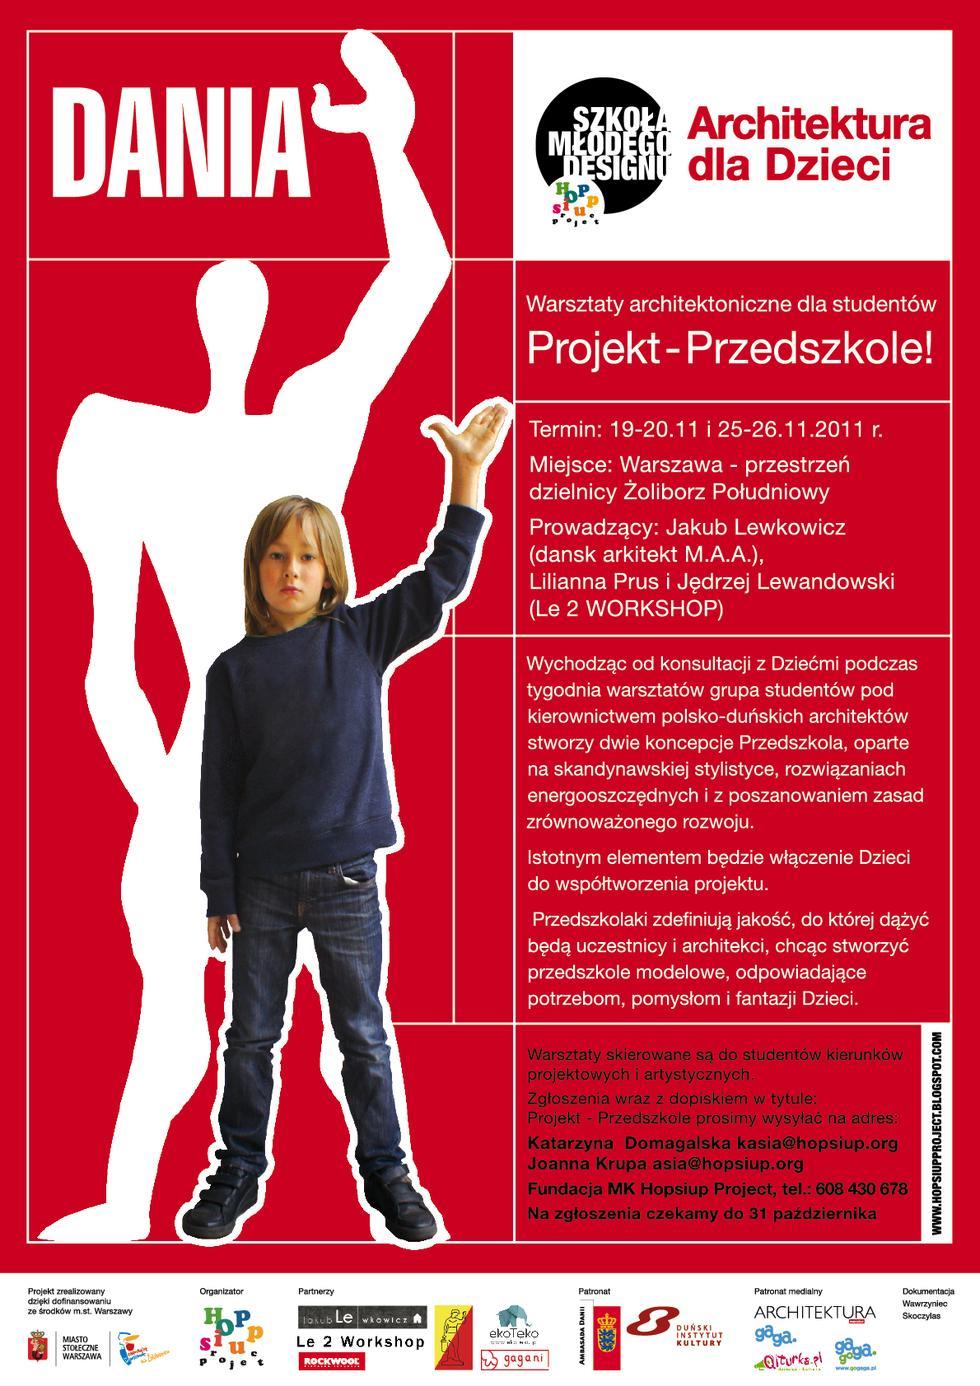 Projekt-Przedszkole! Warsztaty architektoniczne dla studentów